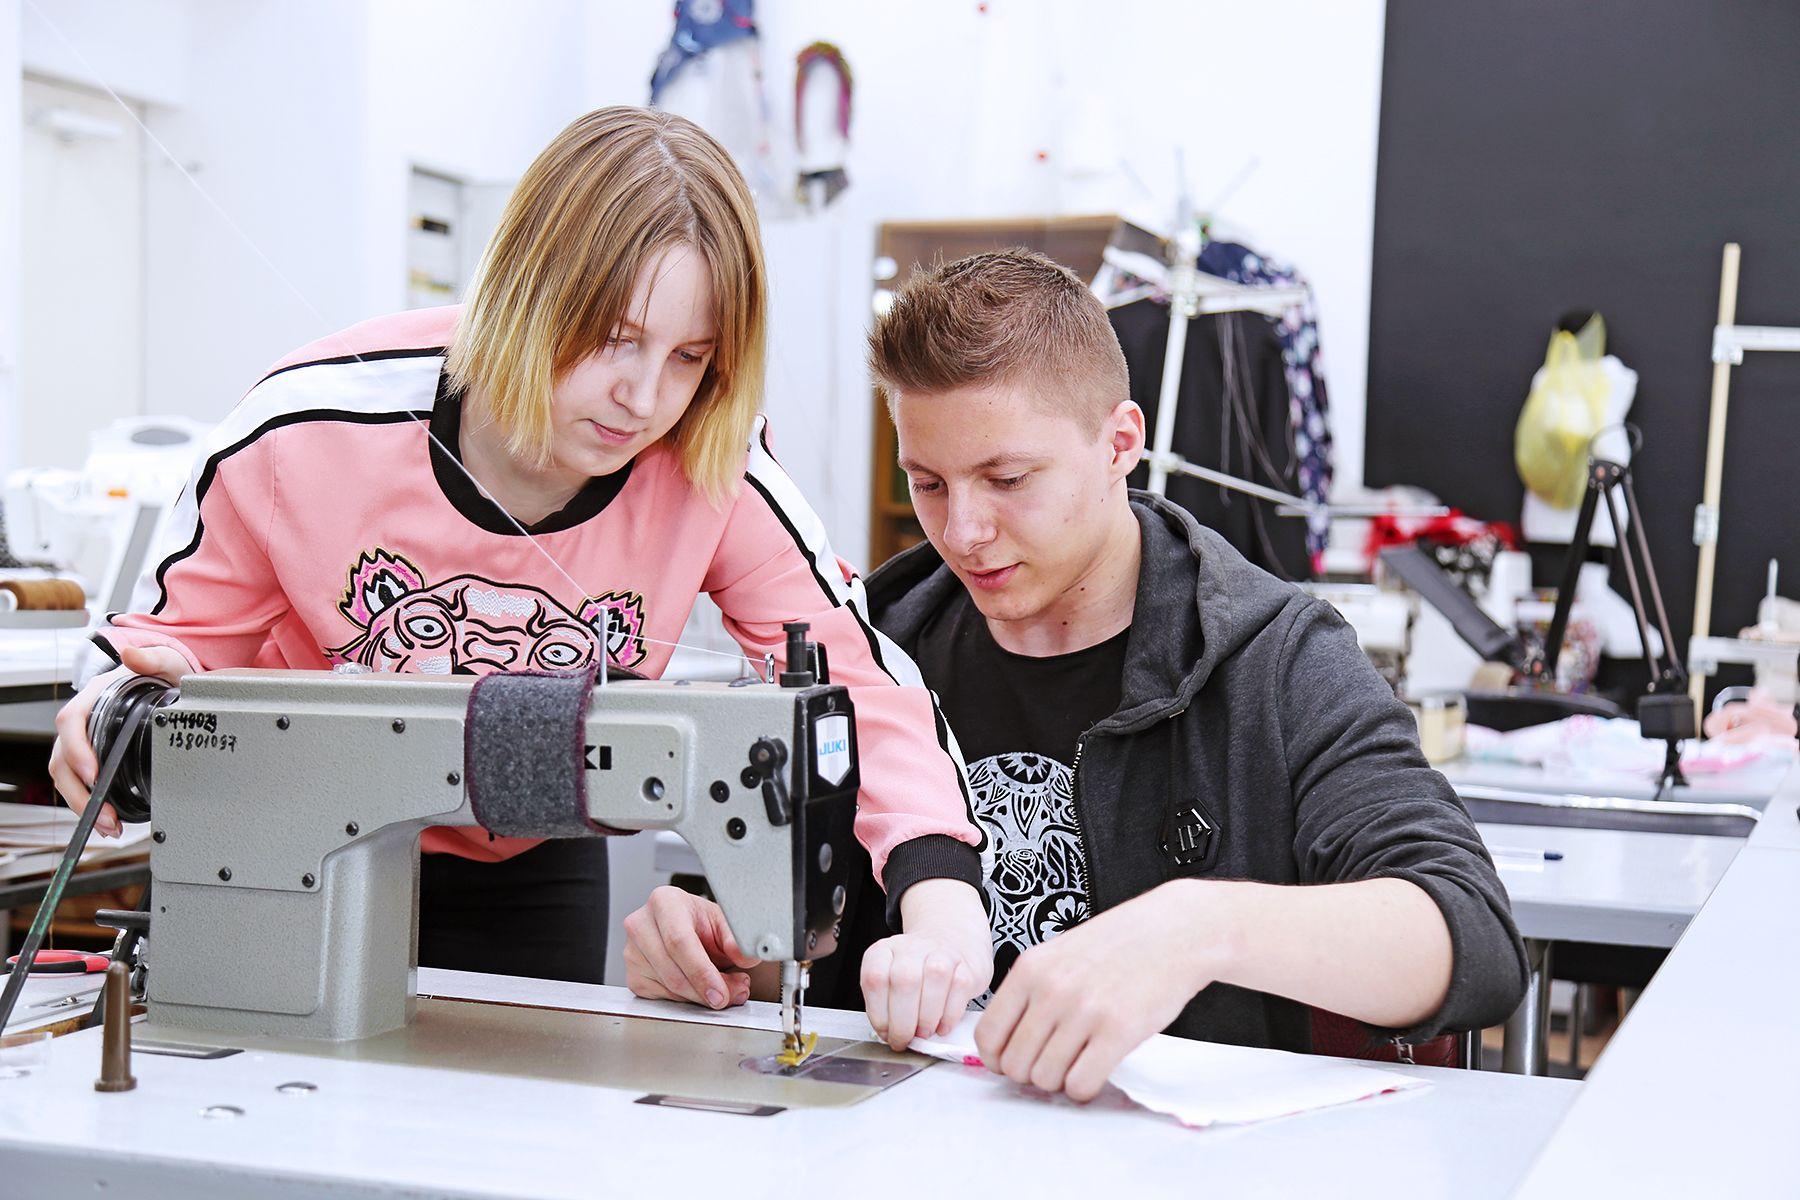 Защищаемся от коронавируса креативно: во ВГУЭС проходят мастер-классы по созданию противовирусных масок